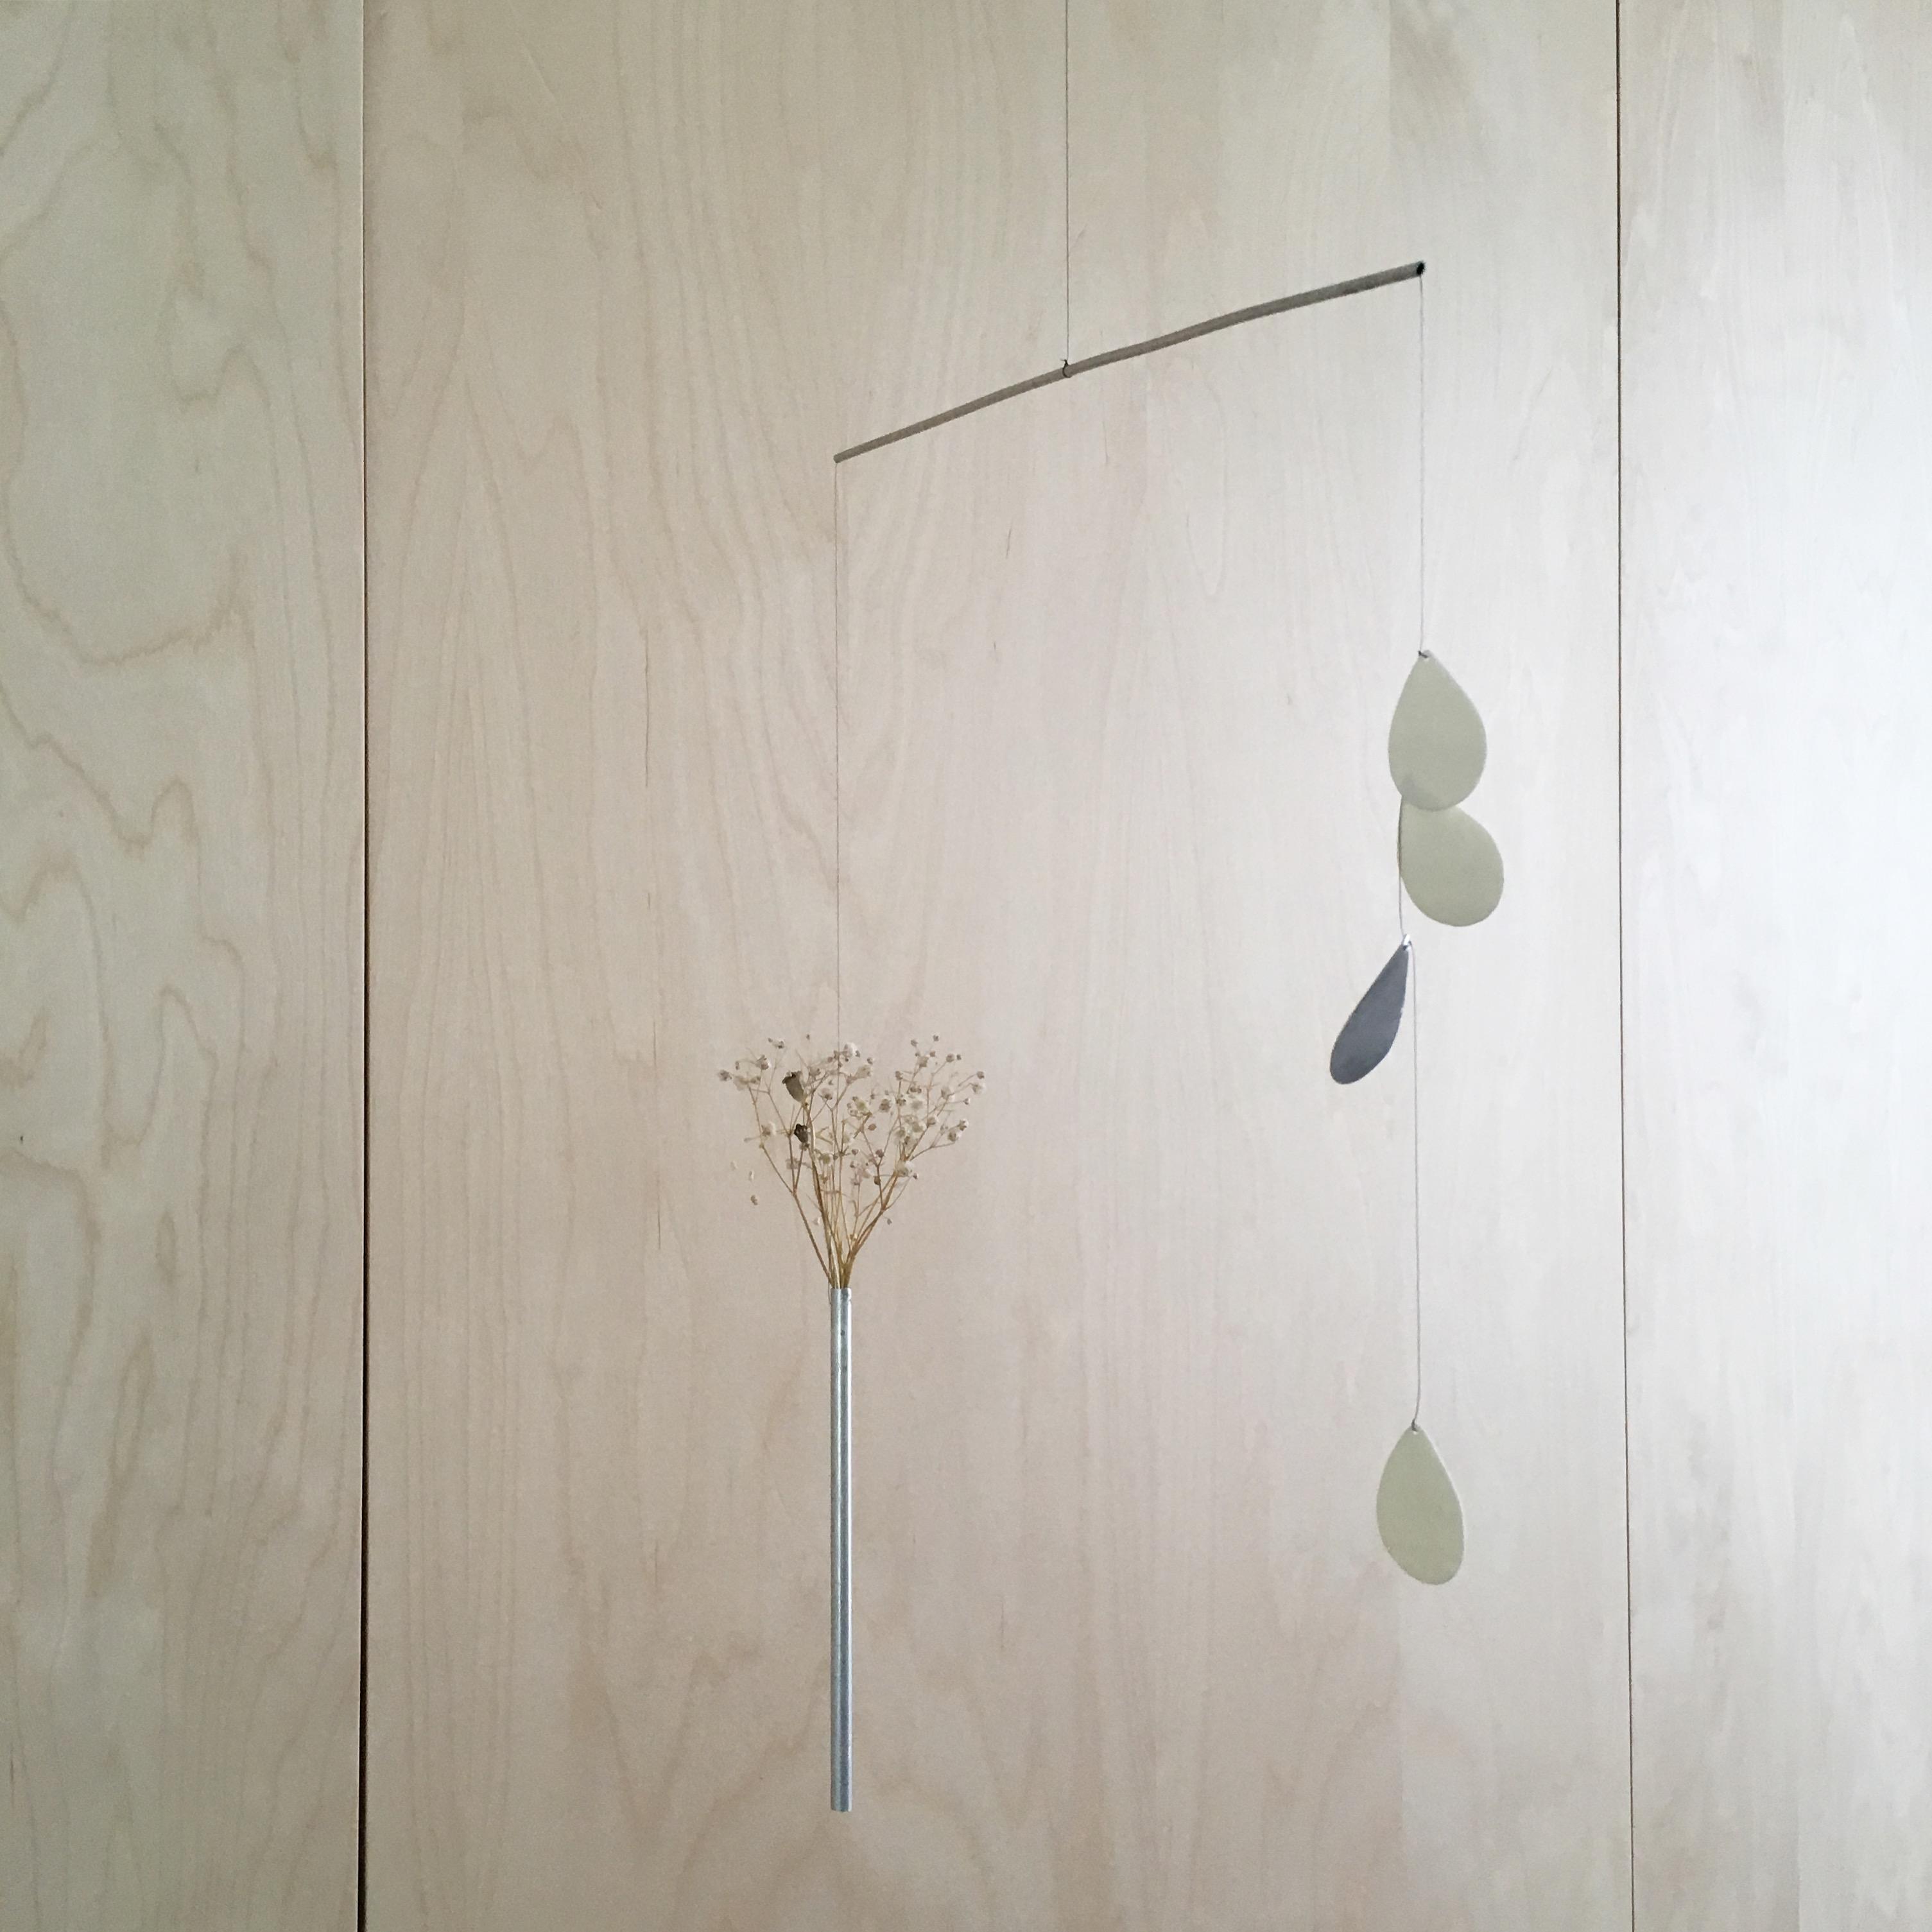 rozenn lagree bijoux atelier du petit parc1 atelier du. Black Bedroom Furniture Sets. Home Design Ideas